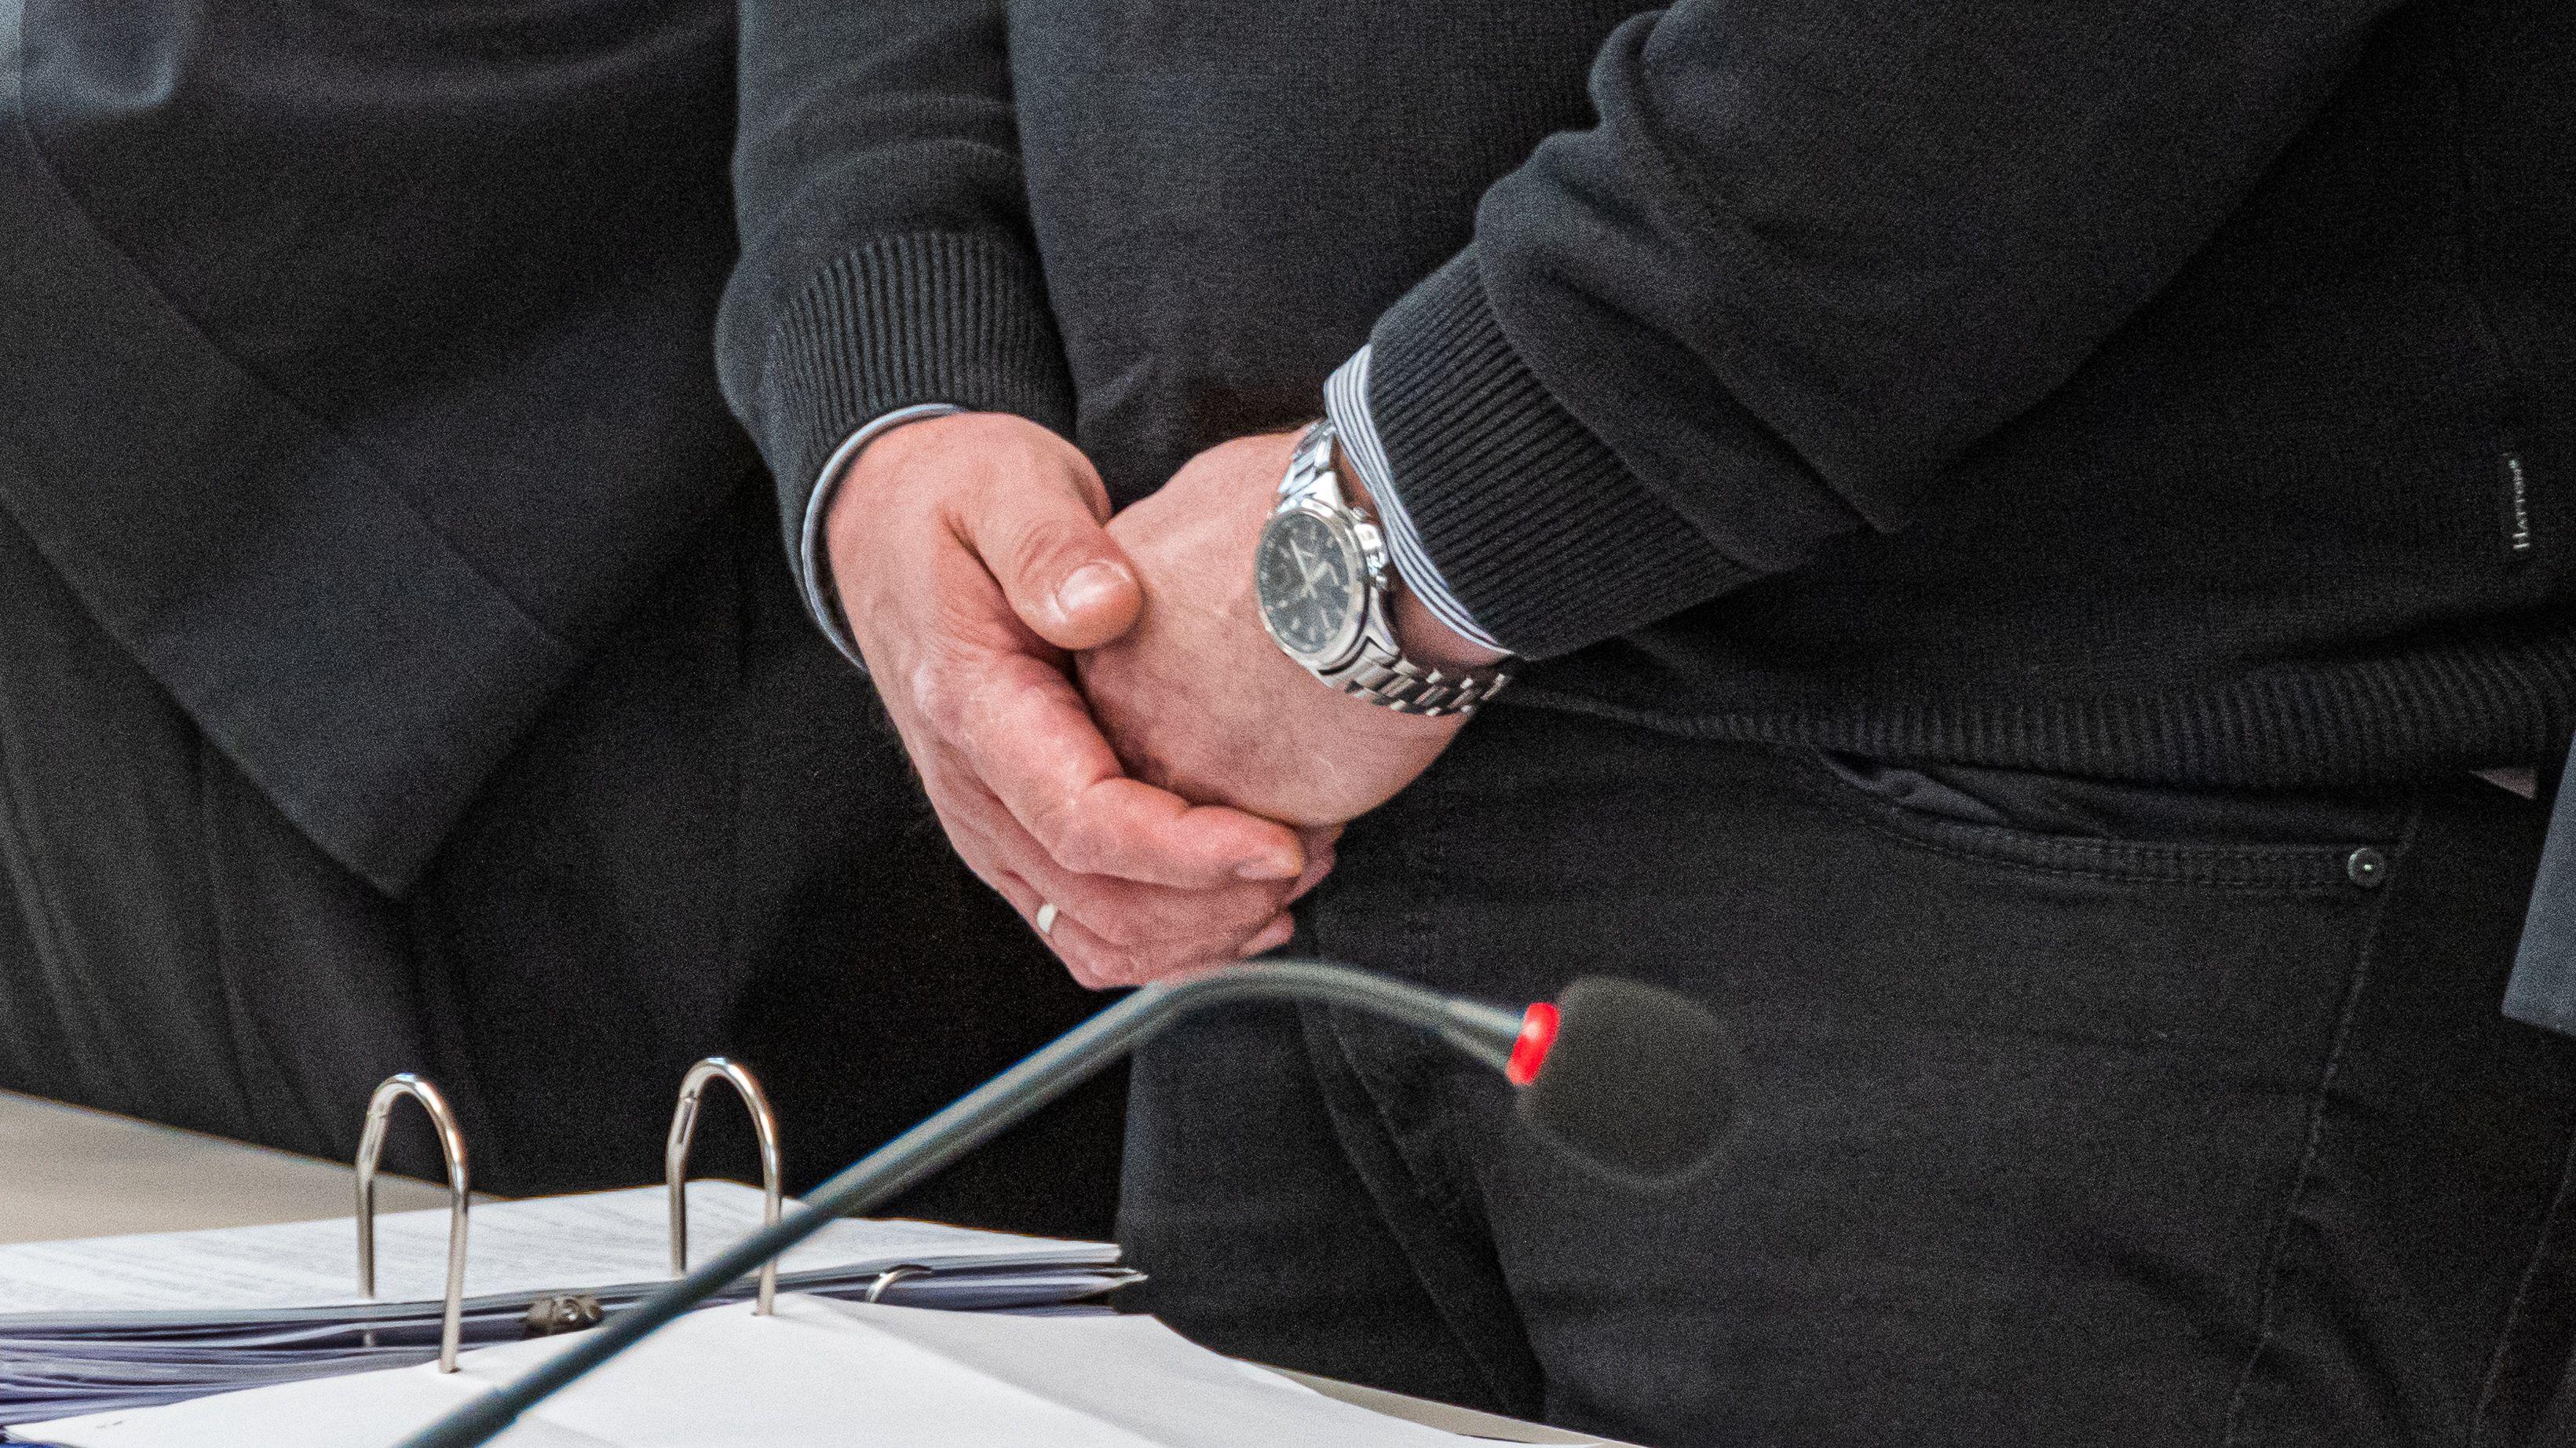 Der Angeklagte steht mit verschränkten Händen im Verhandlungssaal des Landgerichts Amberg